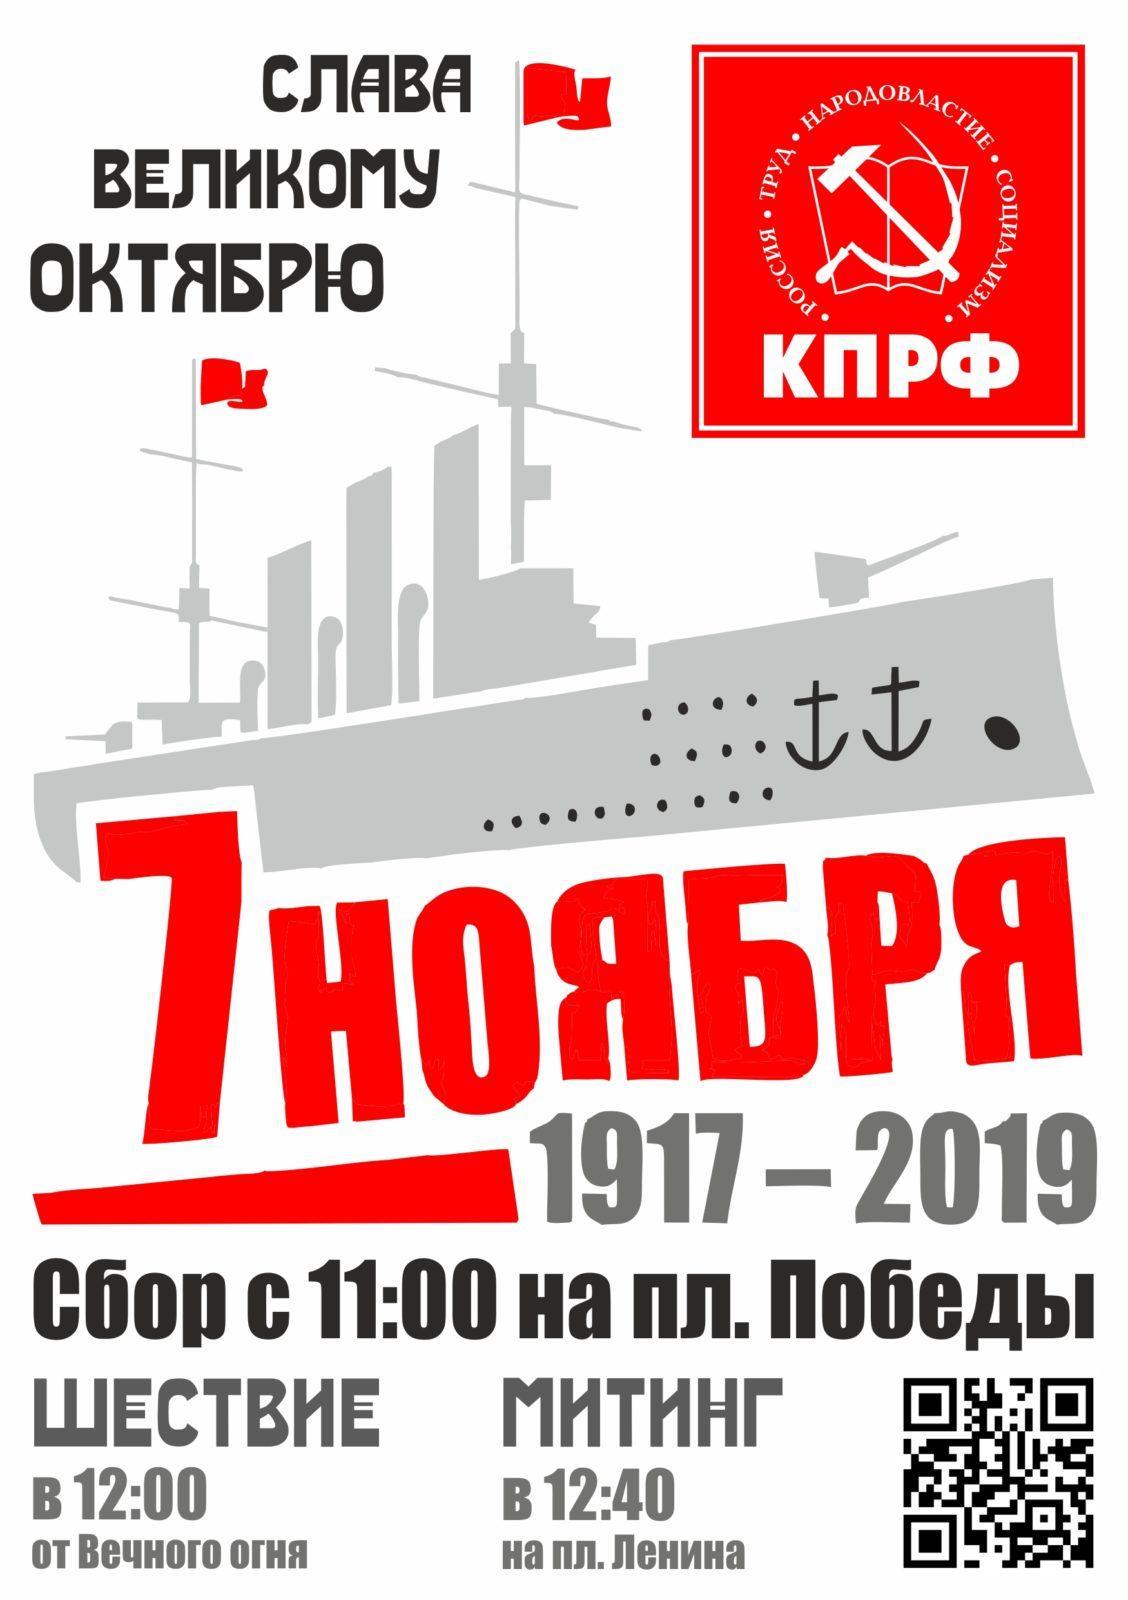 Обком КПРФ приглашает рязанцев на демонстрацию 7 ноября